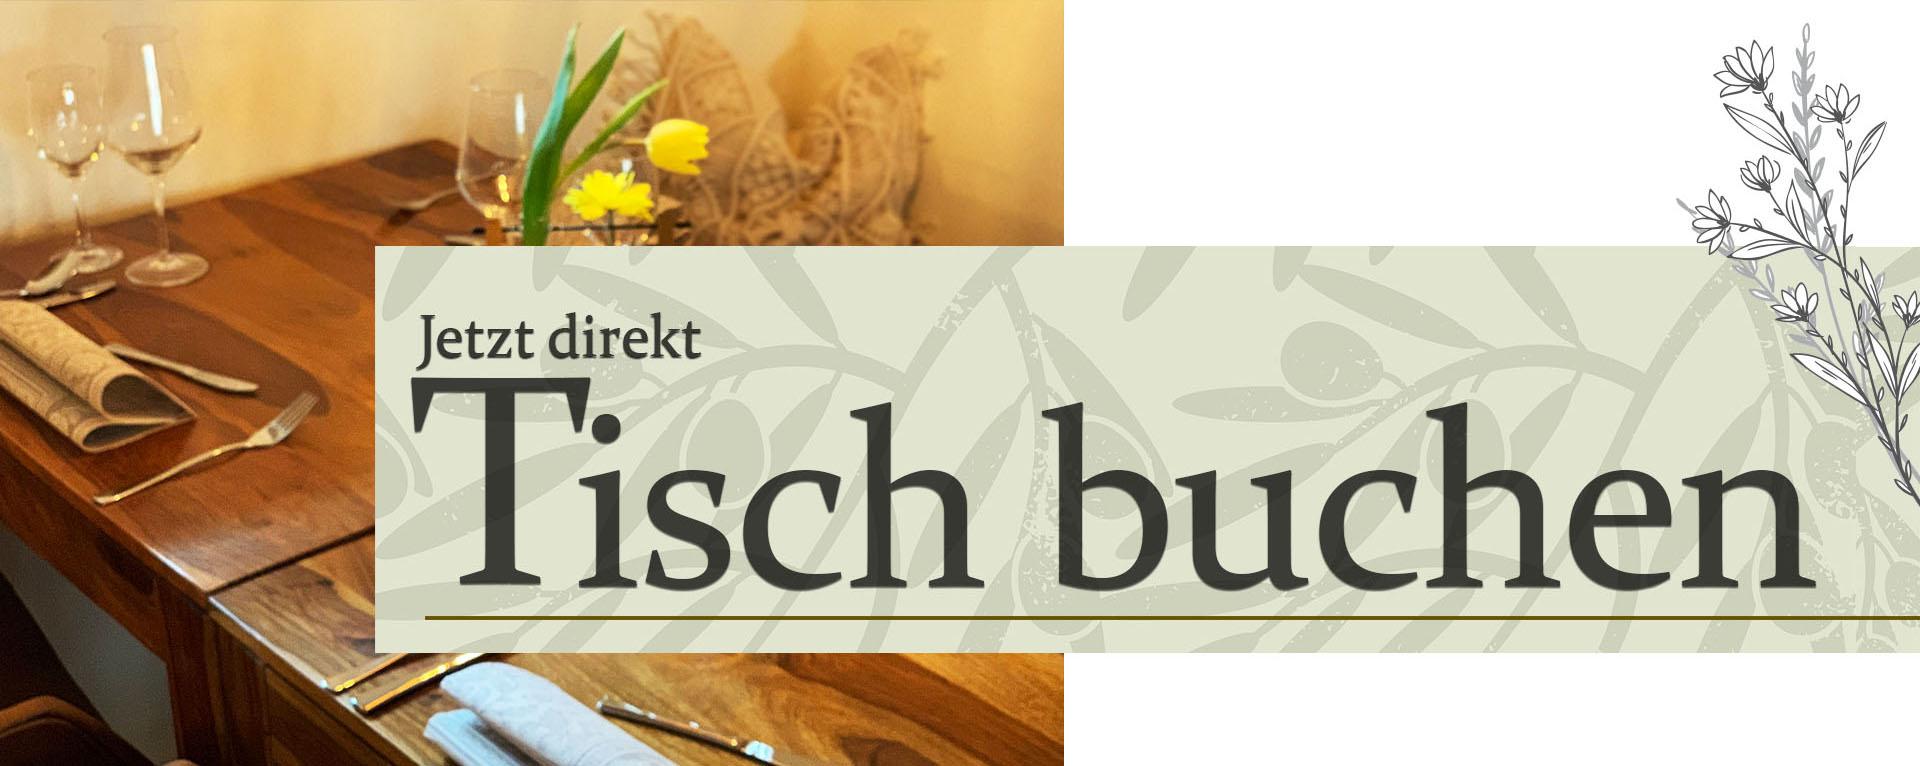 Reservieren Sie Ihren Tisch direkt in unserem Restaurant in Wangen - wir freuen uns darauf Sie im Allgäu begrüßen zu dürfen!